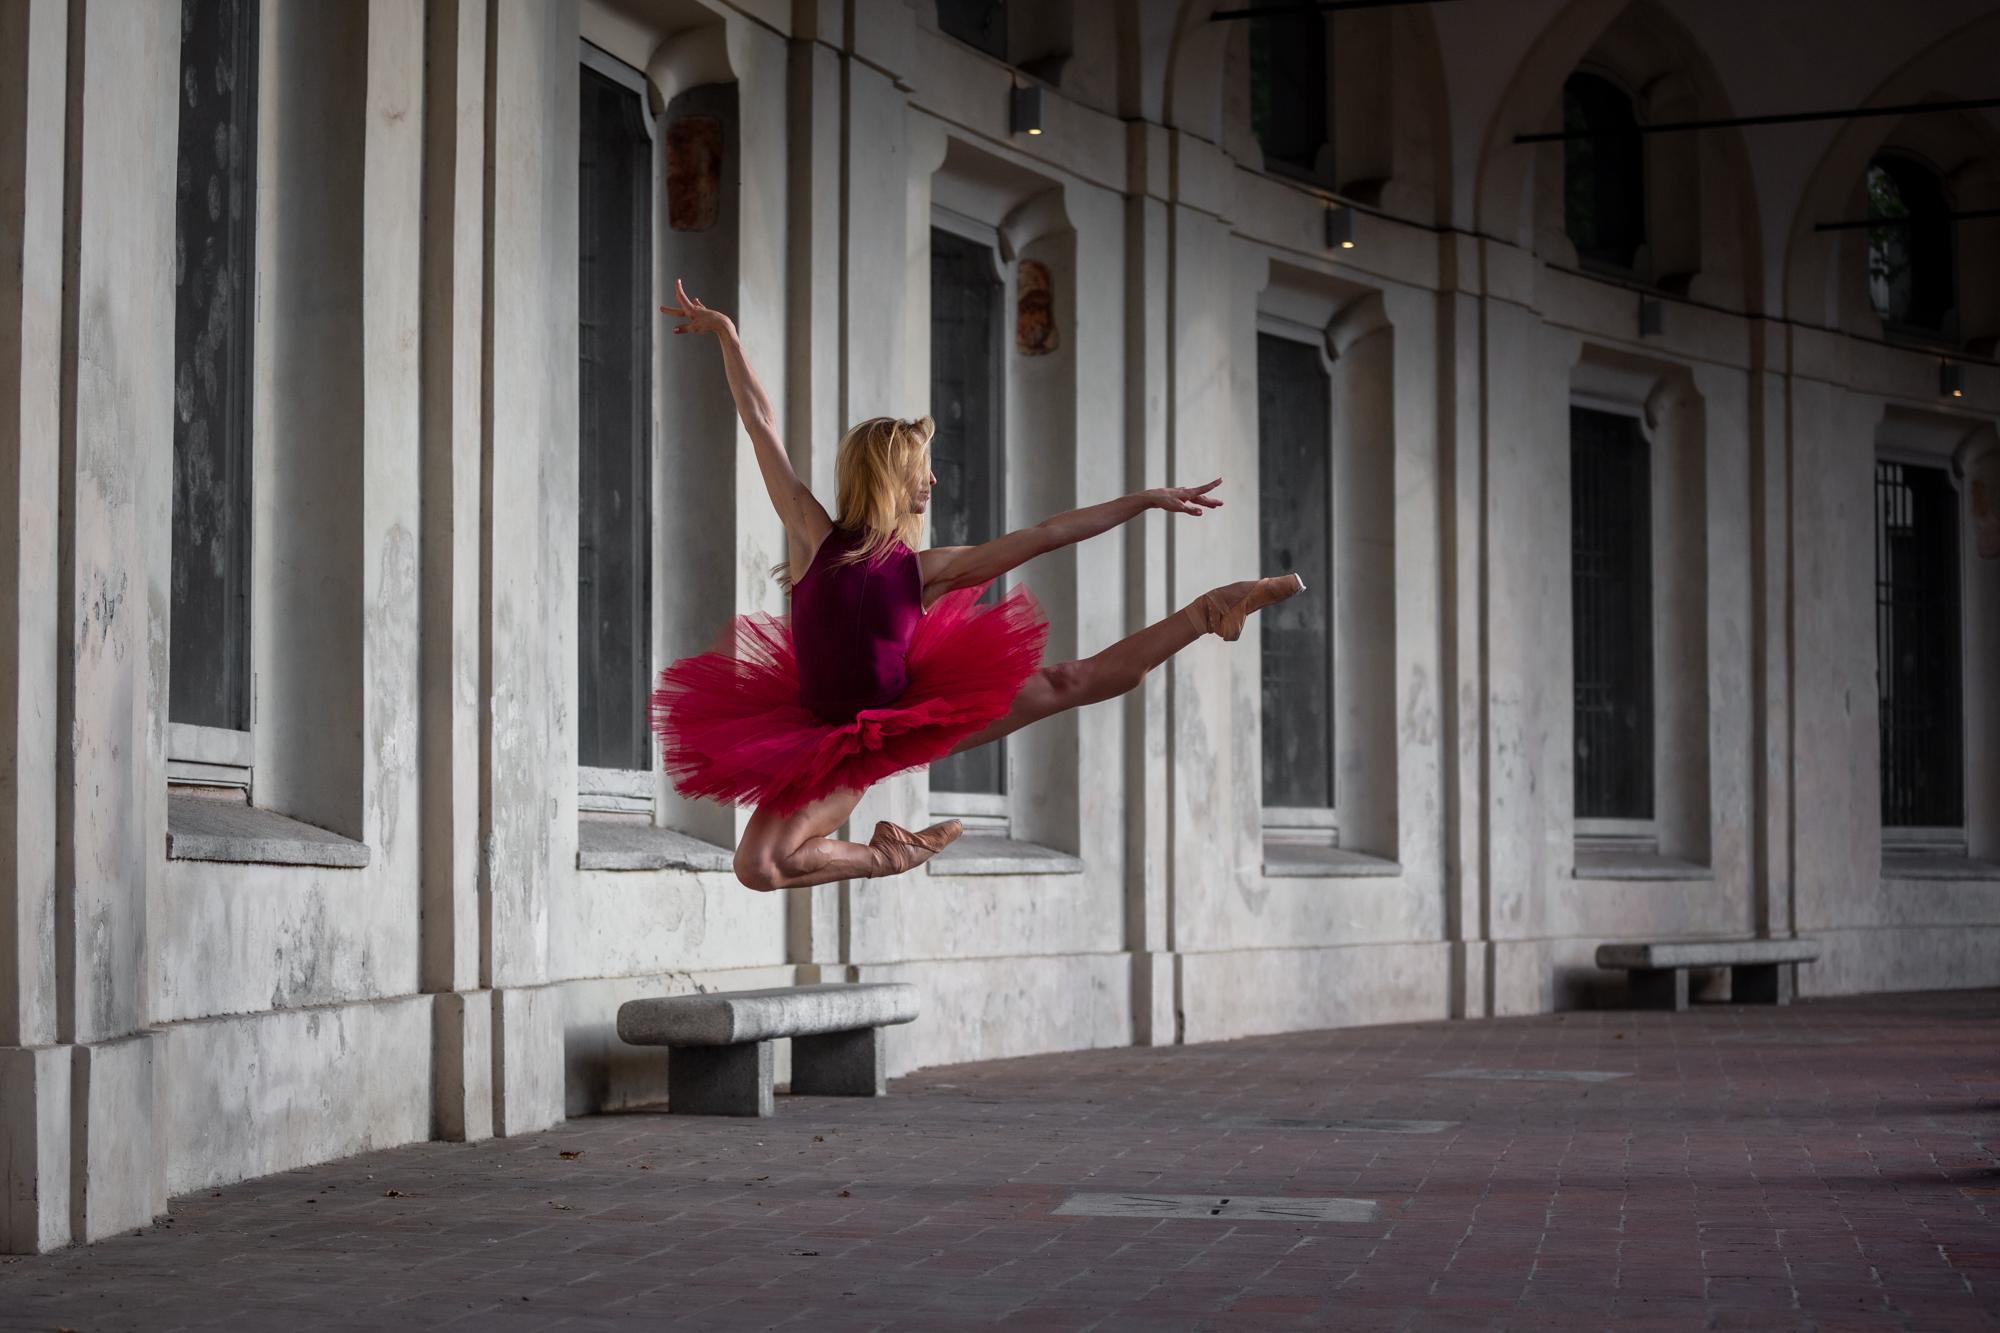 Virna_ballerina-2